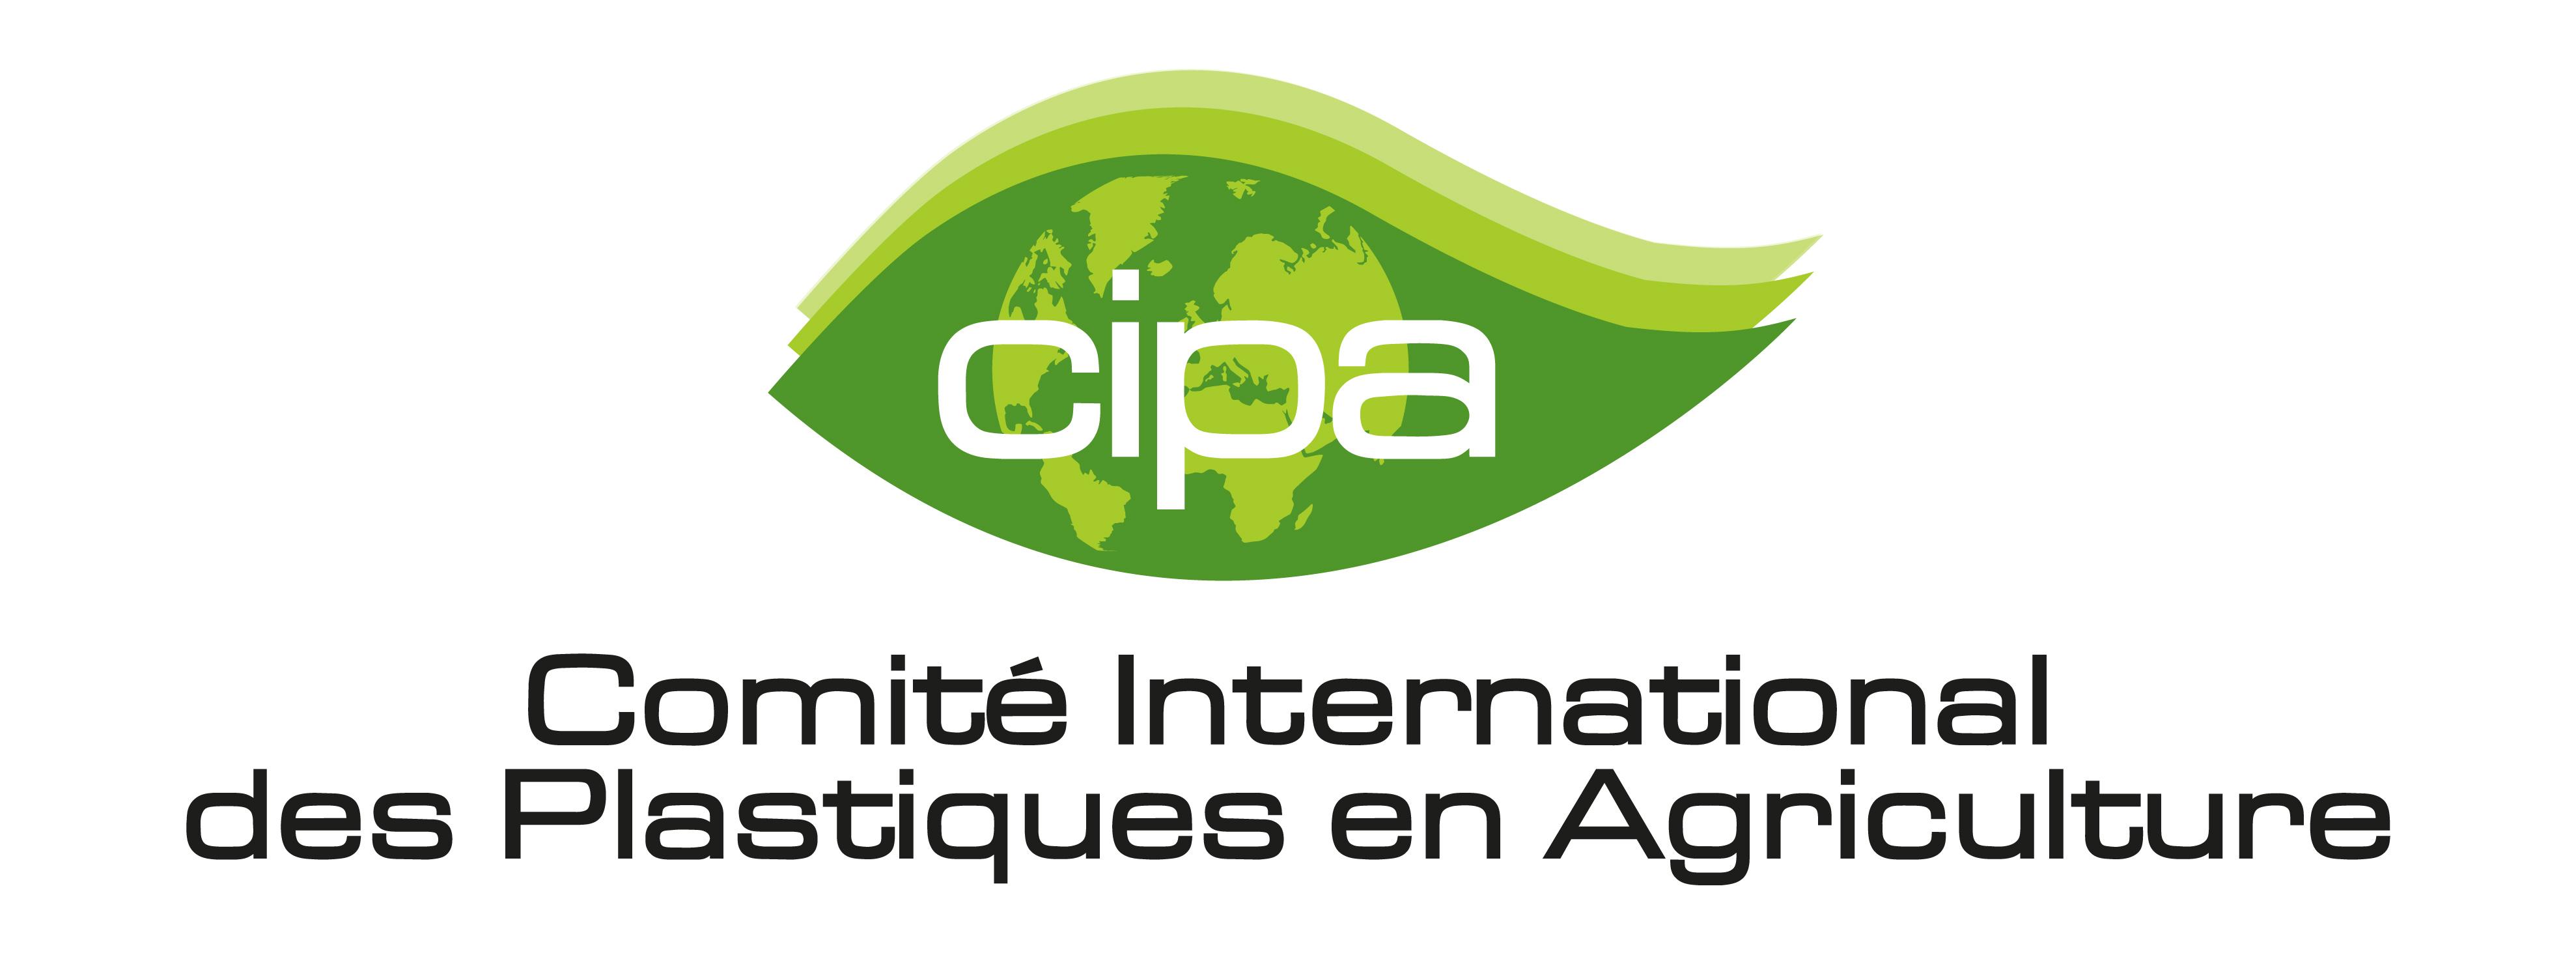 logo for Comité International des Plastiques en Agriculture